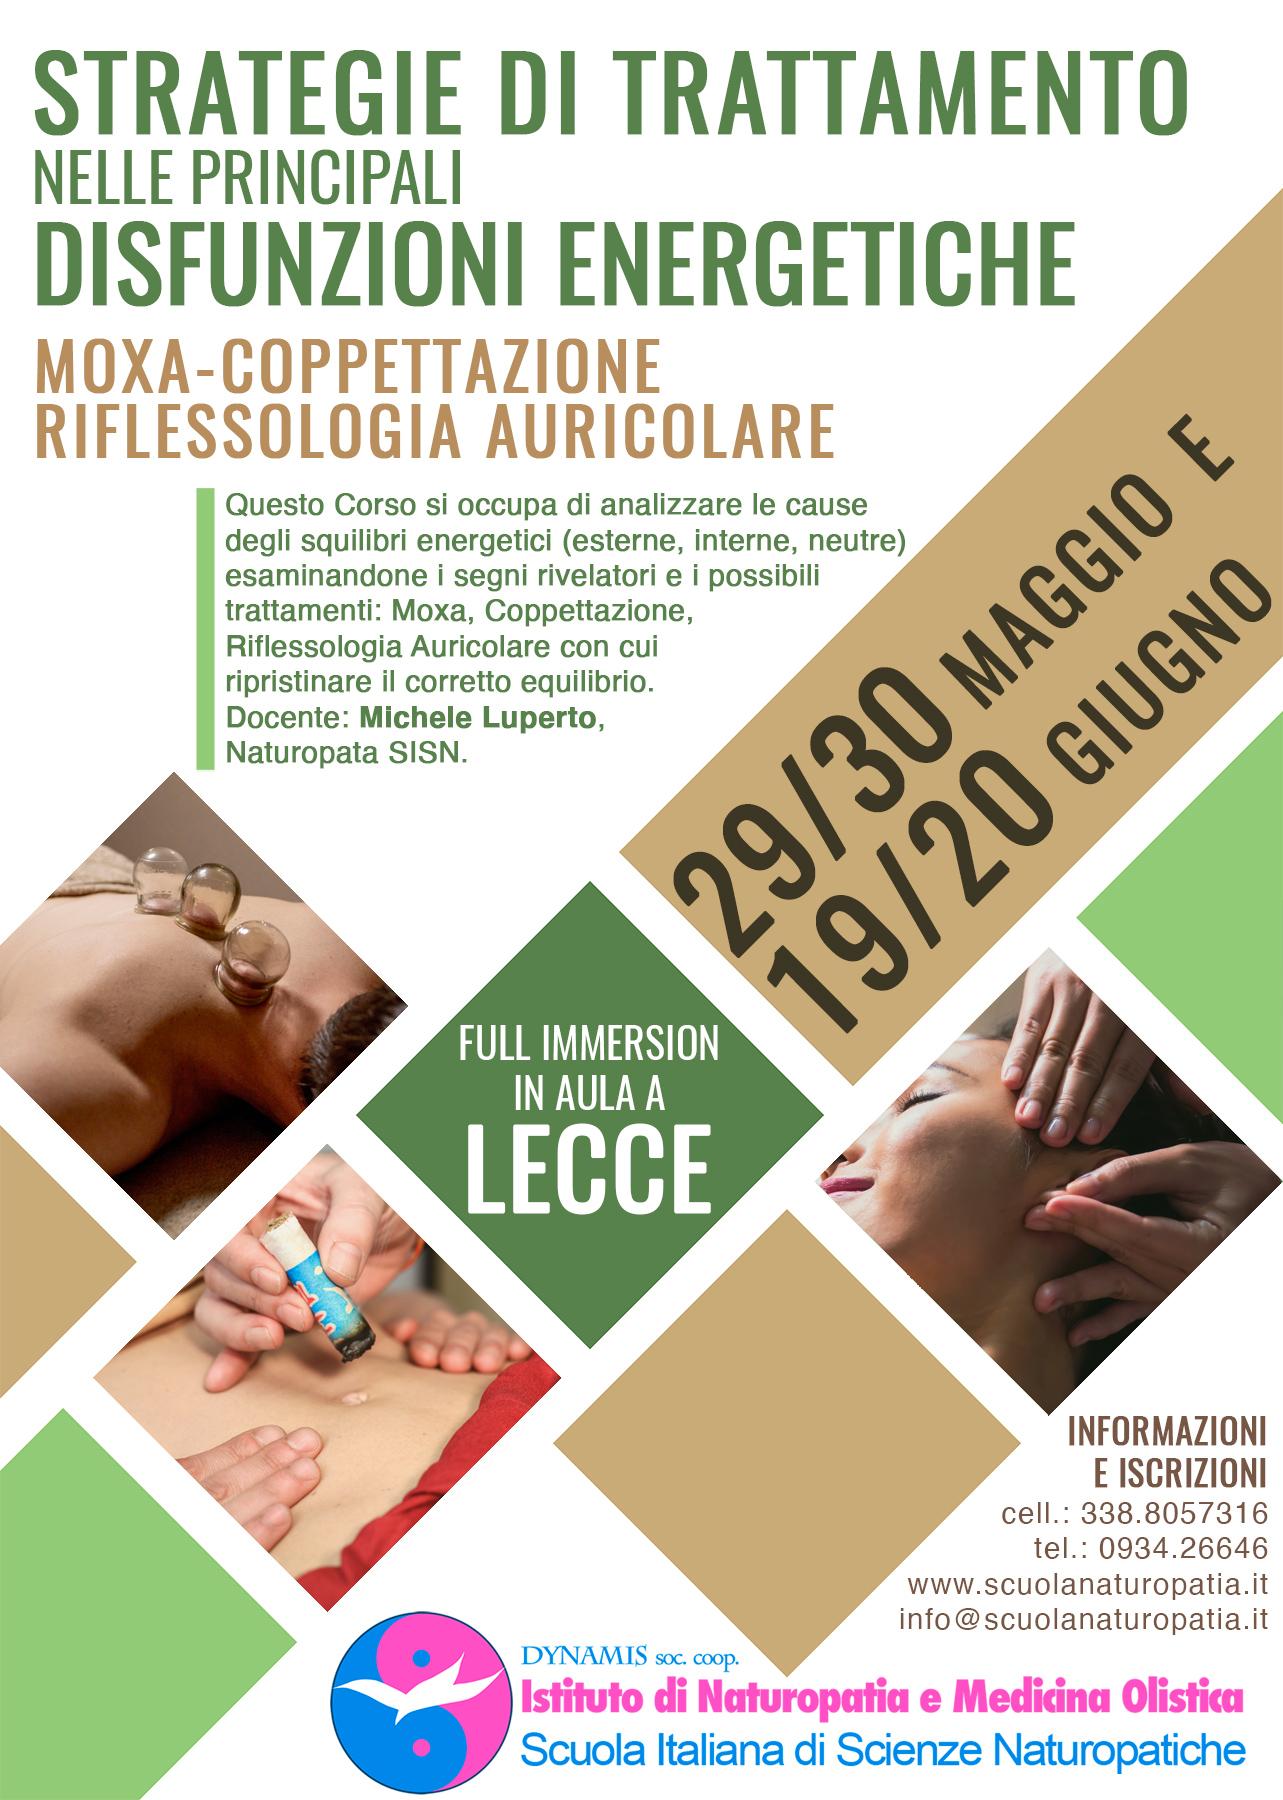 STRATEGIE DI TRATTAMENTO MANUALE (MOXA - COPPETTAZIONE - RIFLESSOLOGIA AURICOLARE) NELLE PRINCIPALI DISFUNZIONI ENERGETICHE